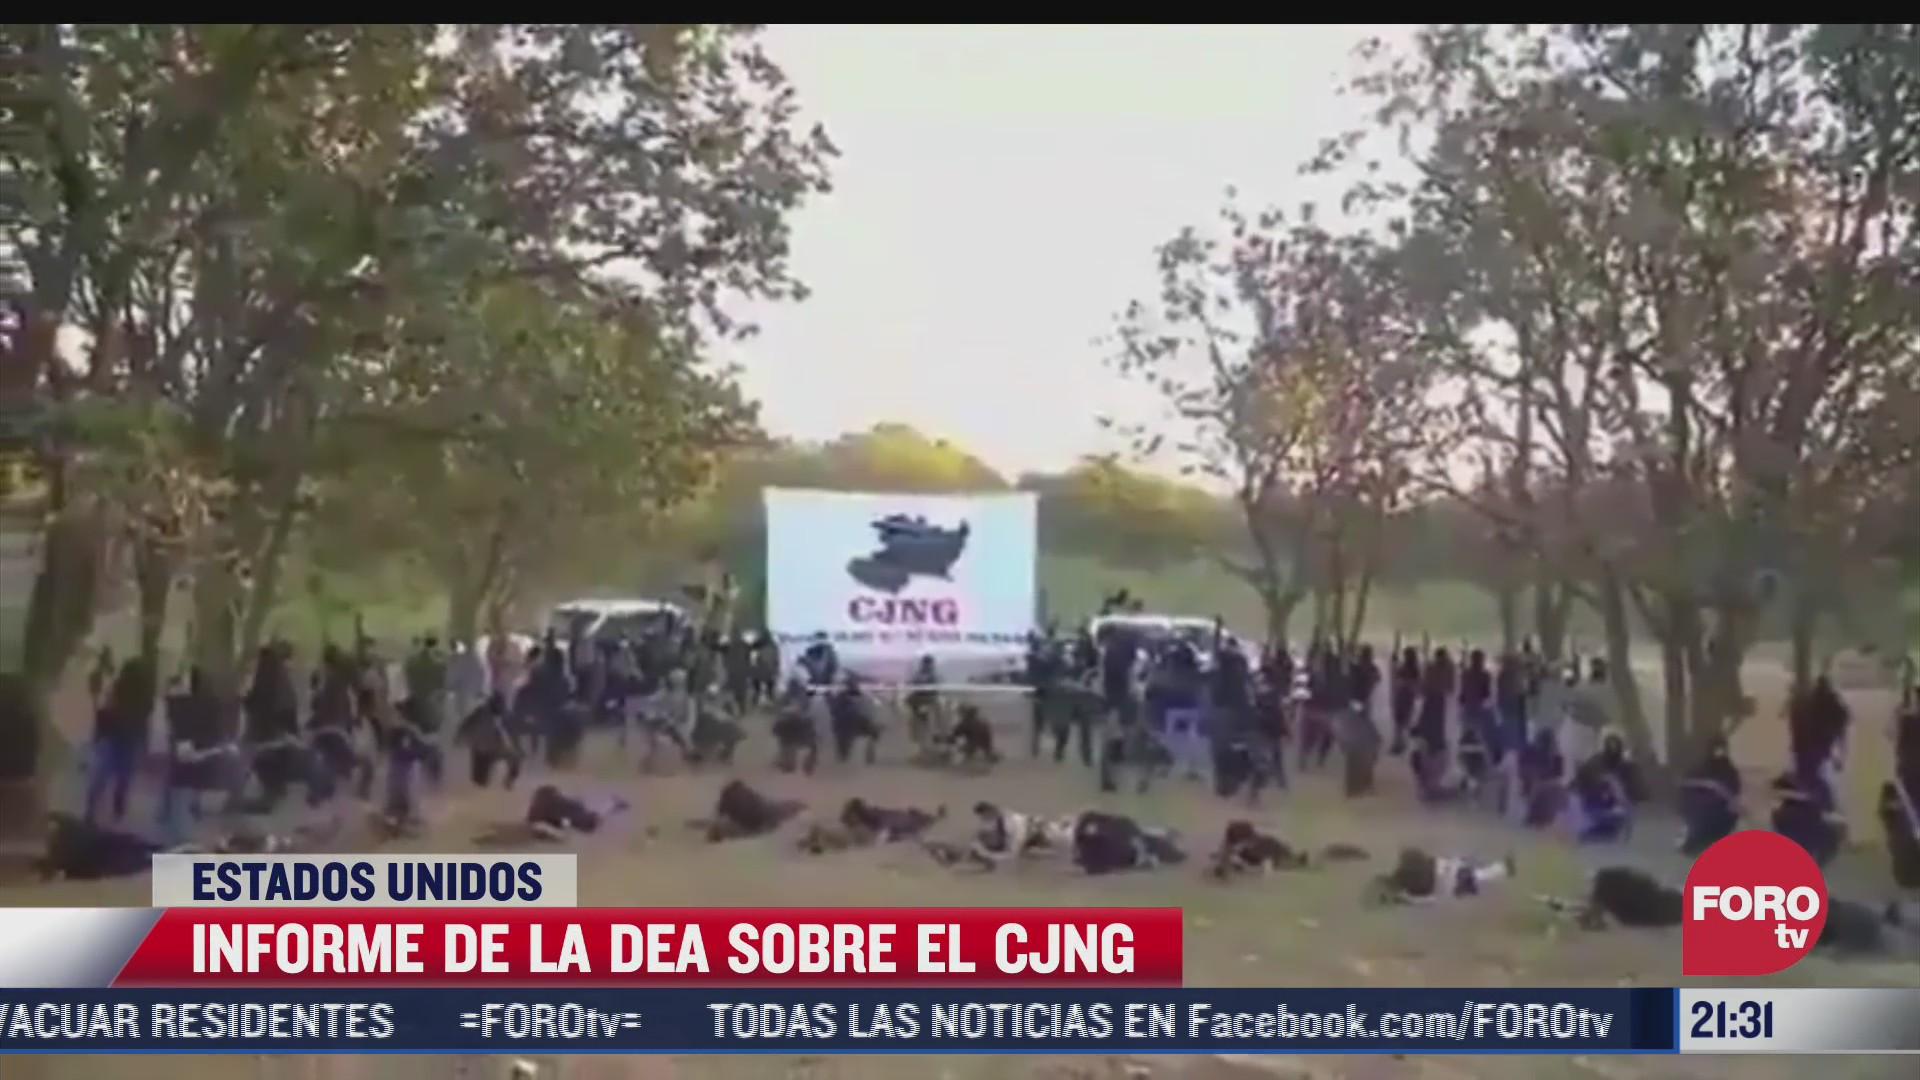 cjng logro extenderse a casi la mitad de eeuu dea